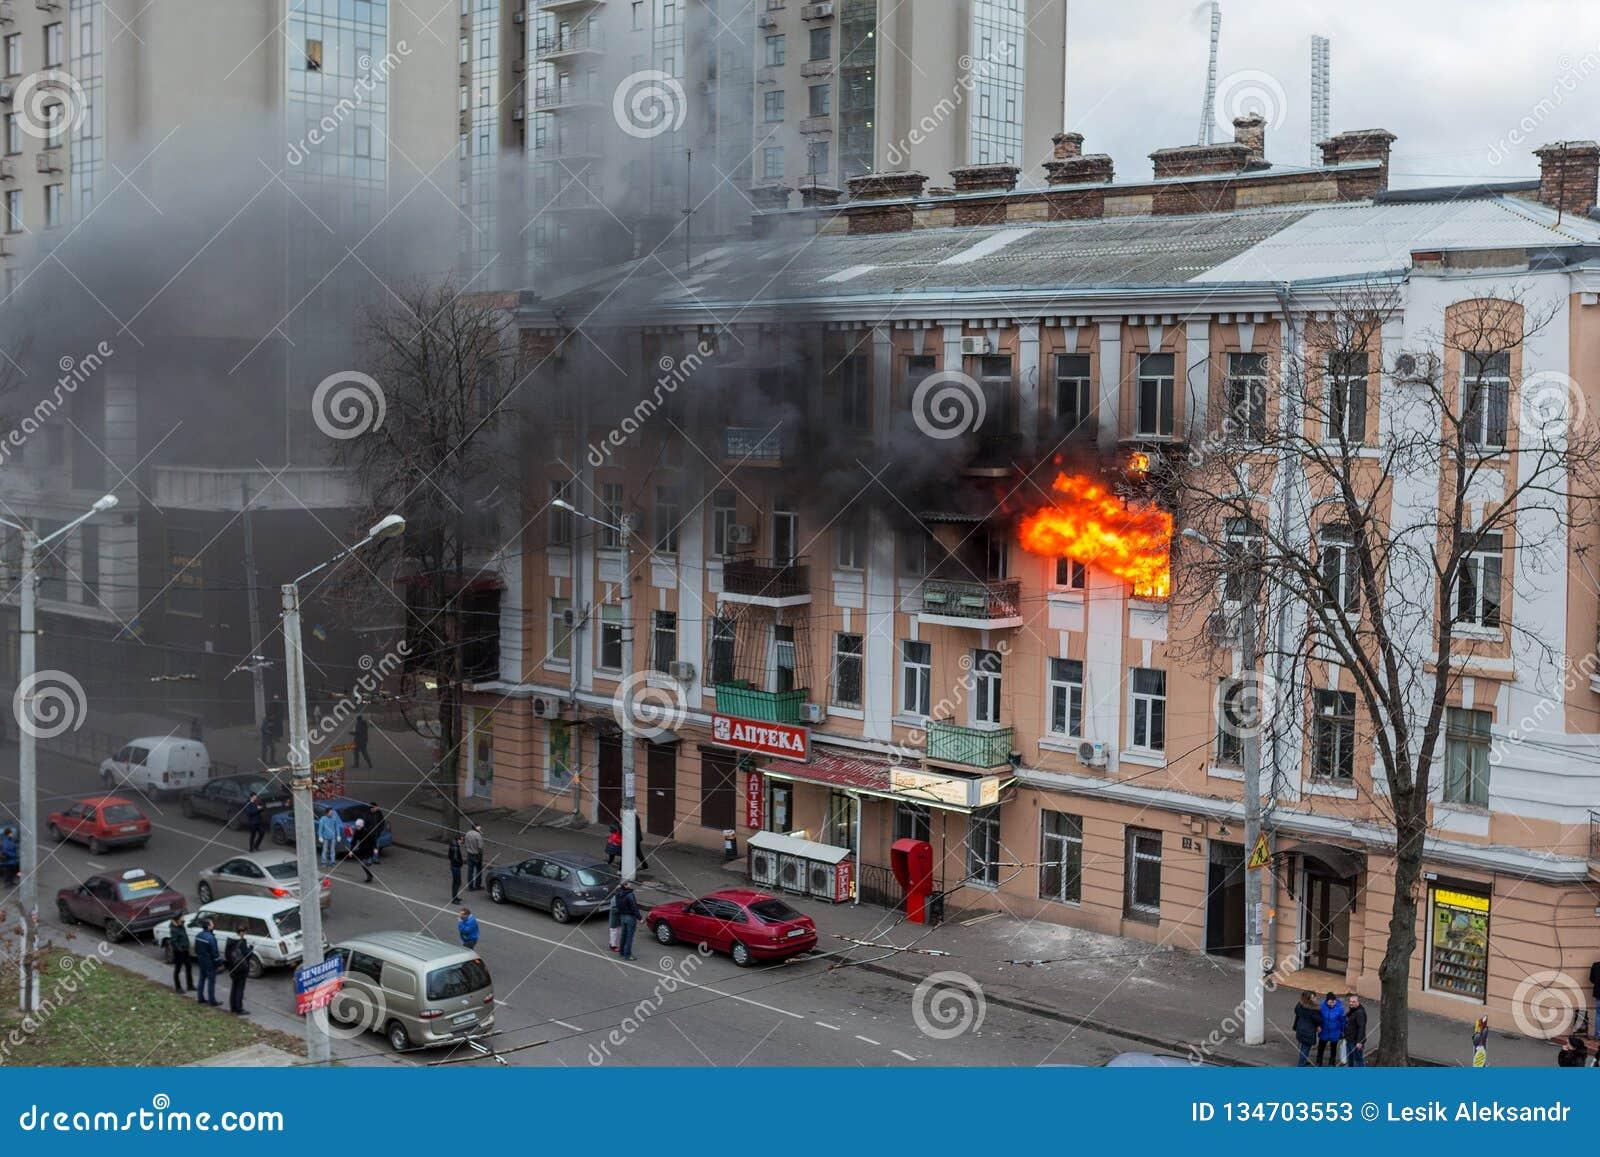 Odessa, Ukraine - 29 décembre 2016 : Un feu dans un immeuble Lumière et clubs lumineux forts, fenêtre de nuages de fumée de leur